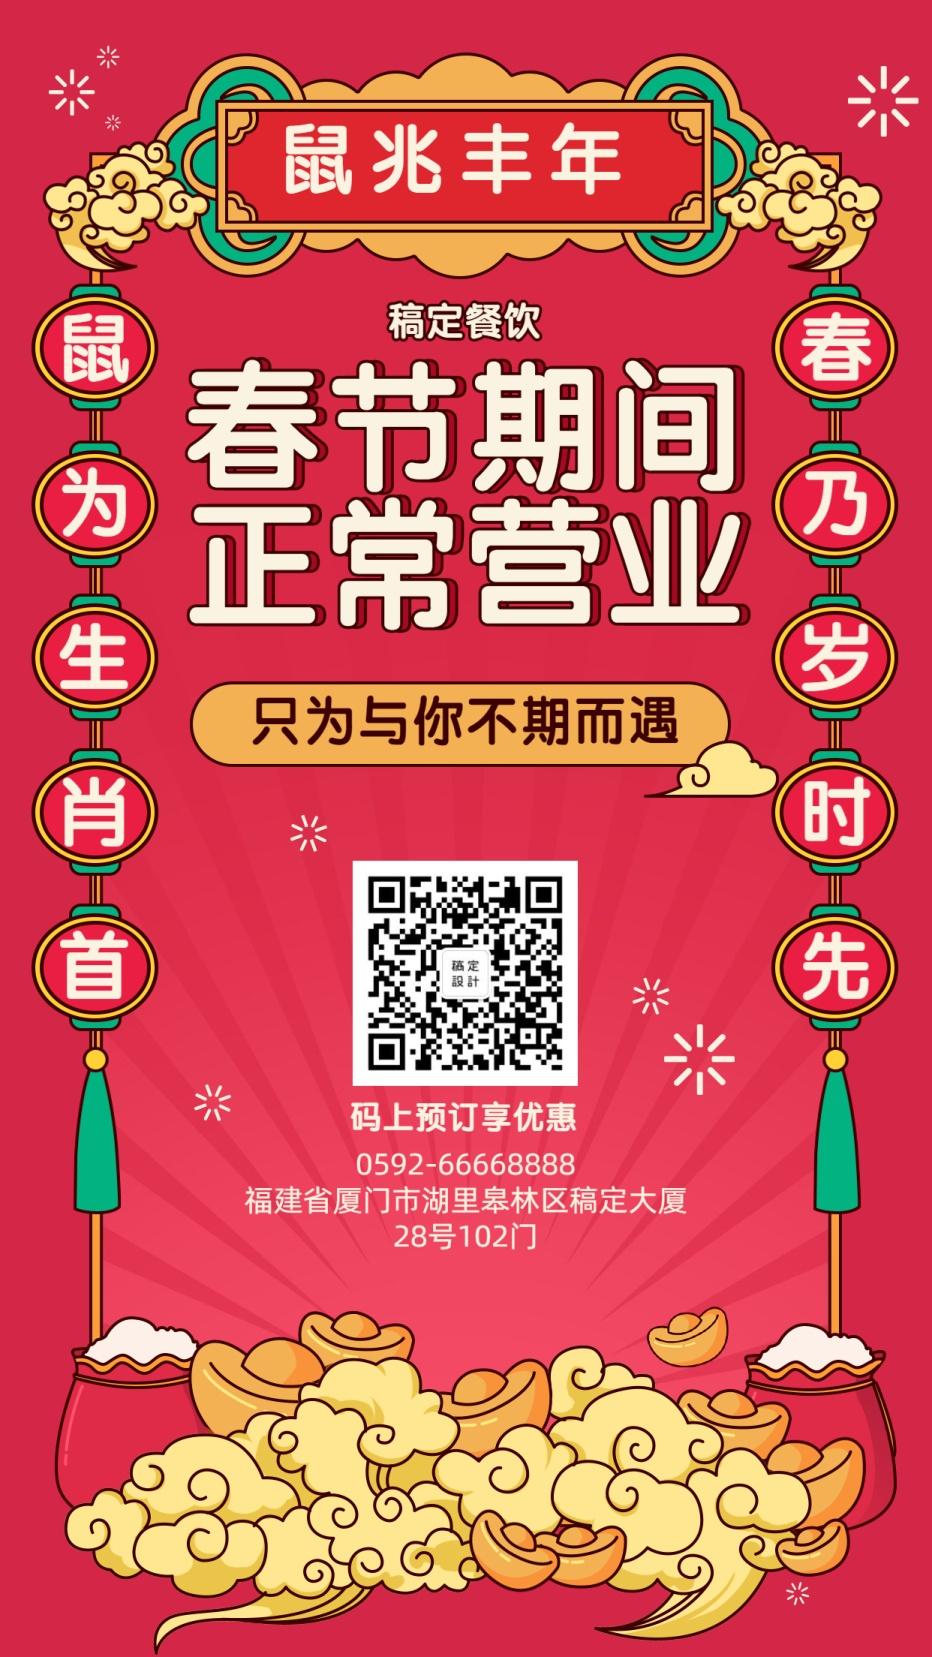 春节营业通知/餐饮美食/喜庆中国风/手机海报